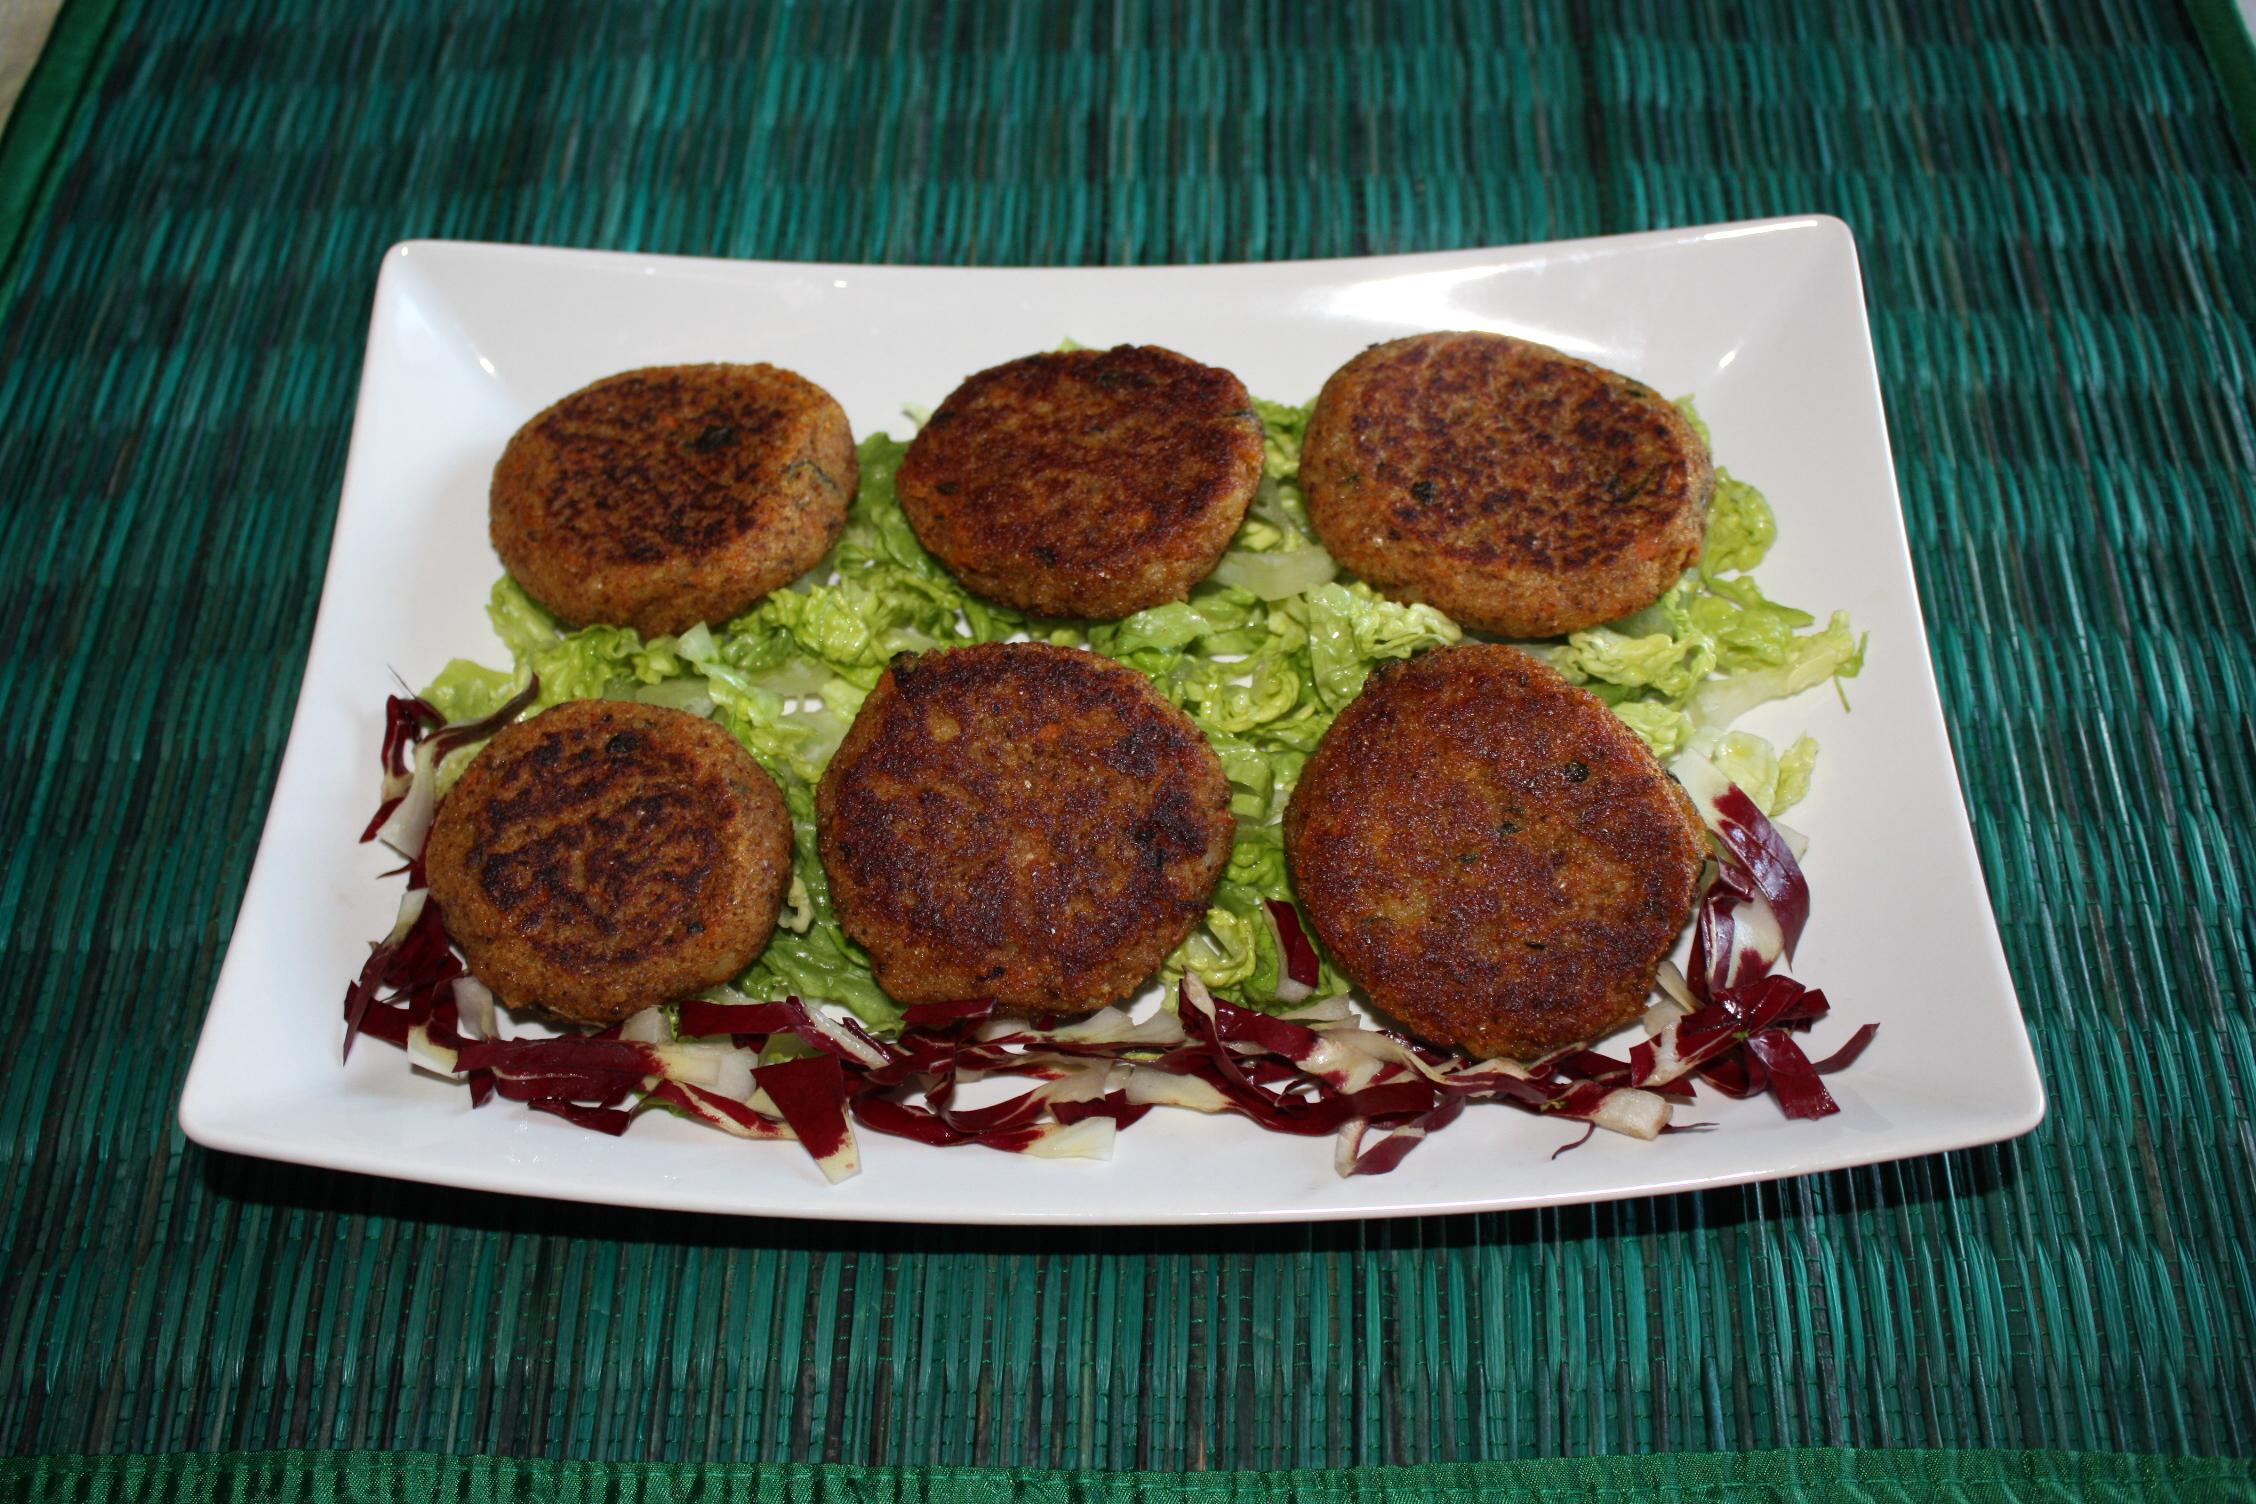 Miniburger Alle Verdure